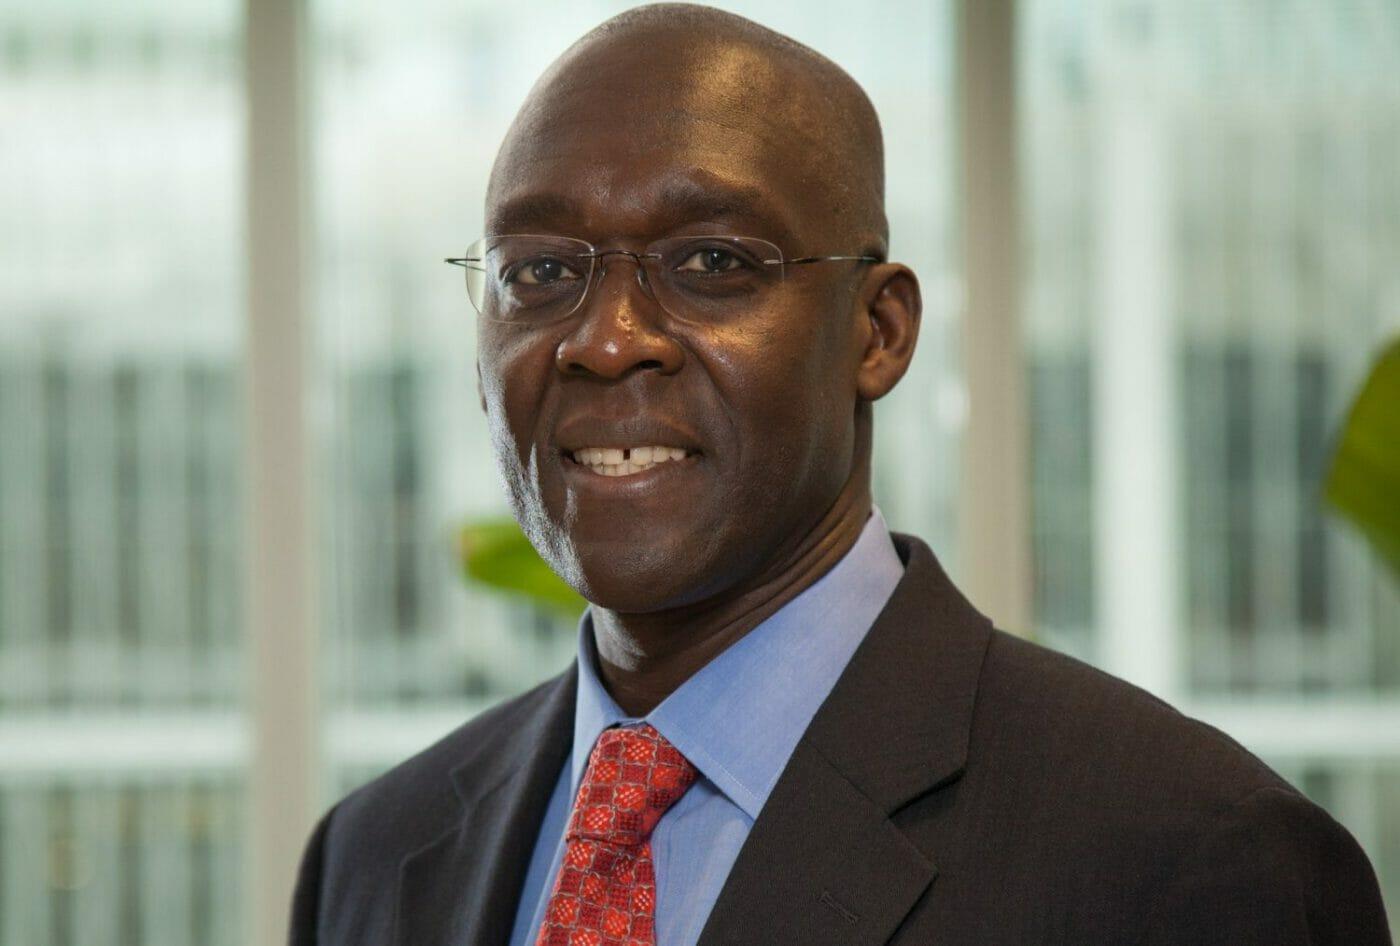 Makhtar Diop World Bank VP for Africa